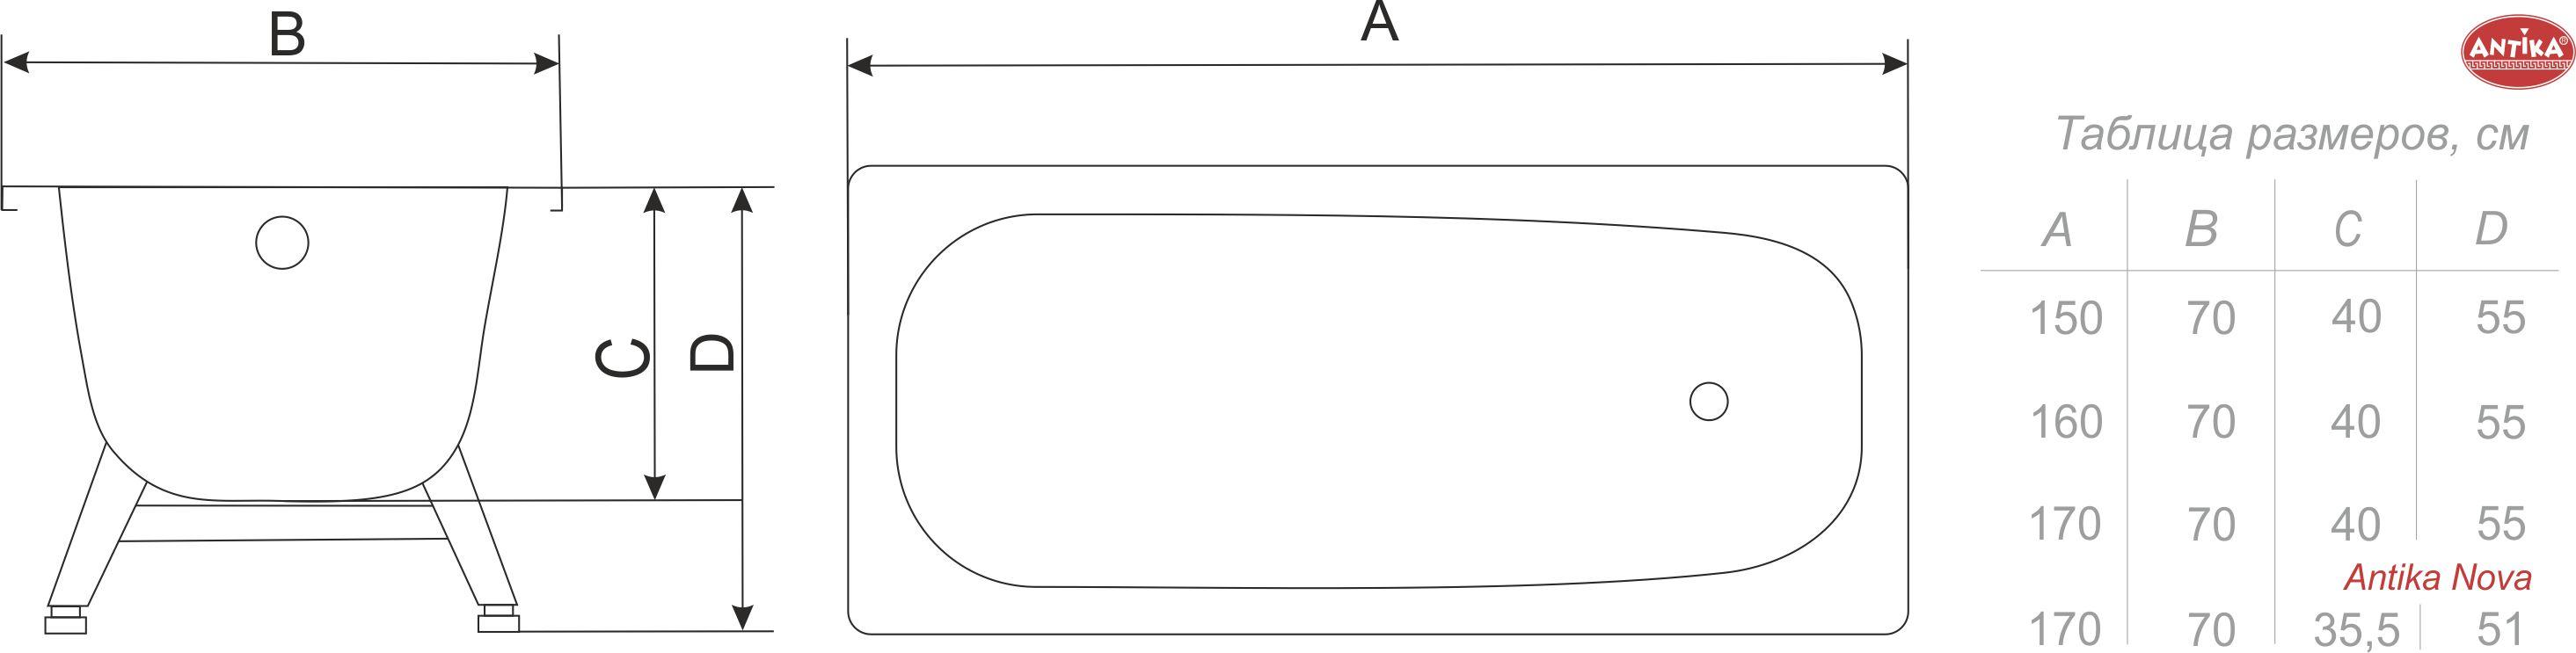 Схема сборки ванны 1 марка 160